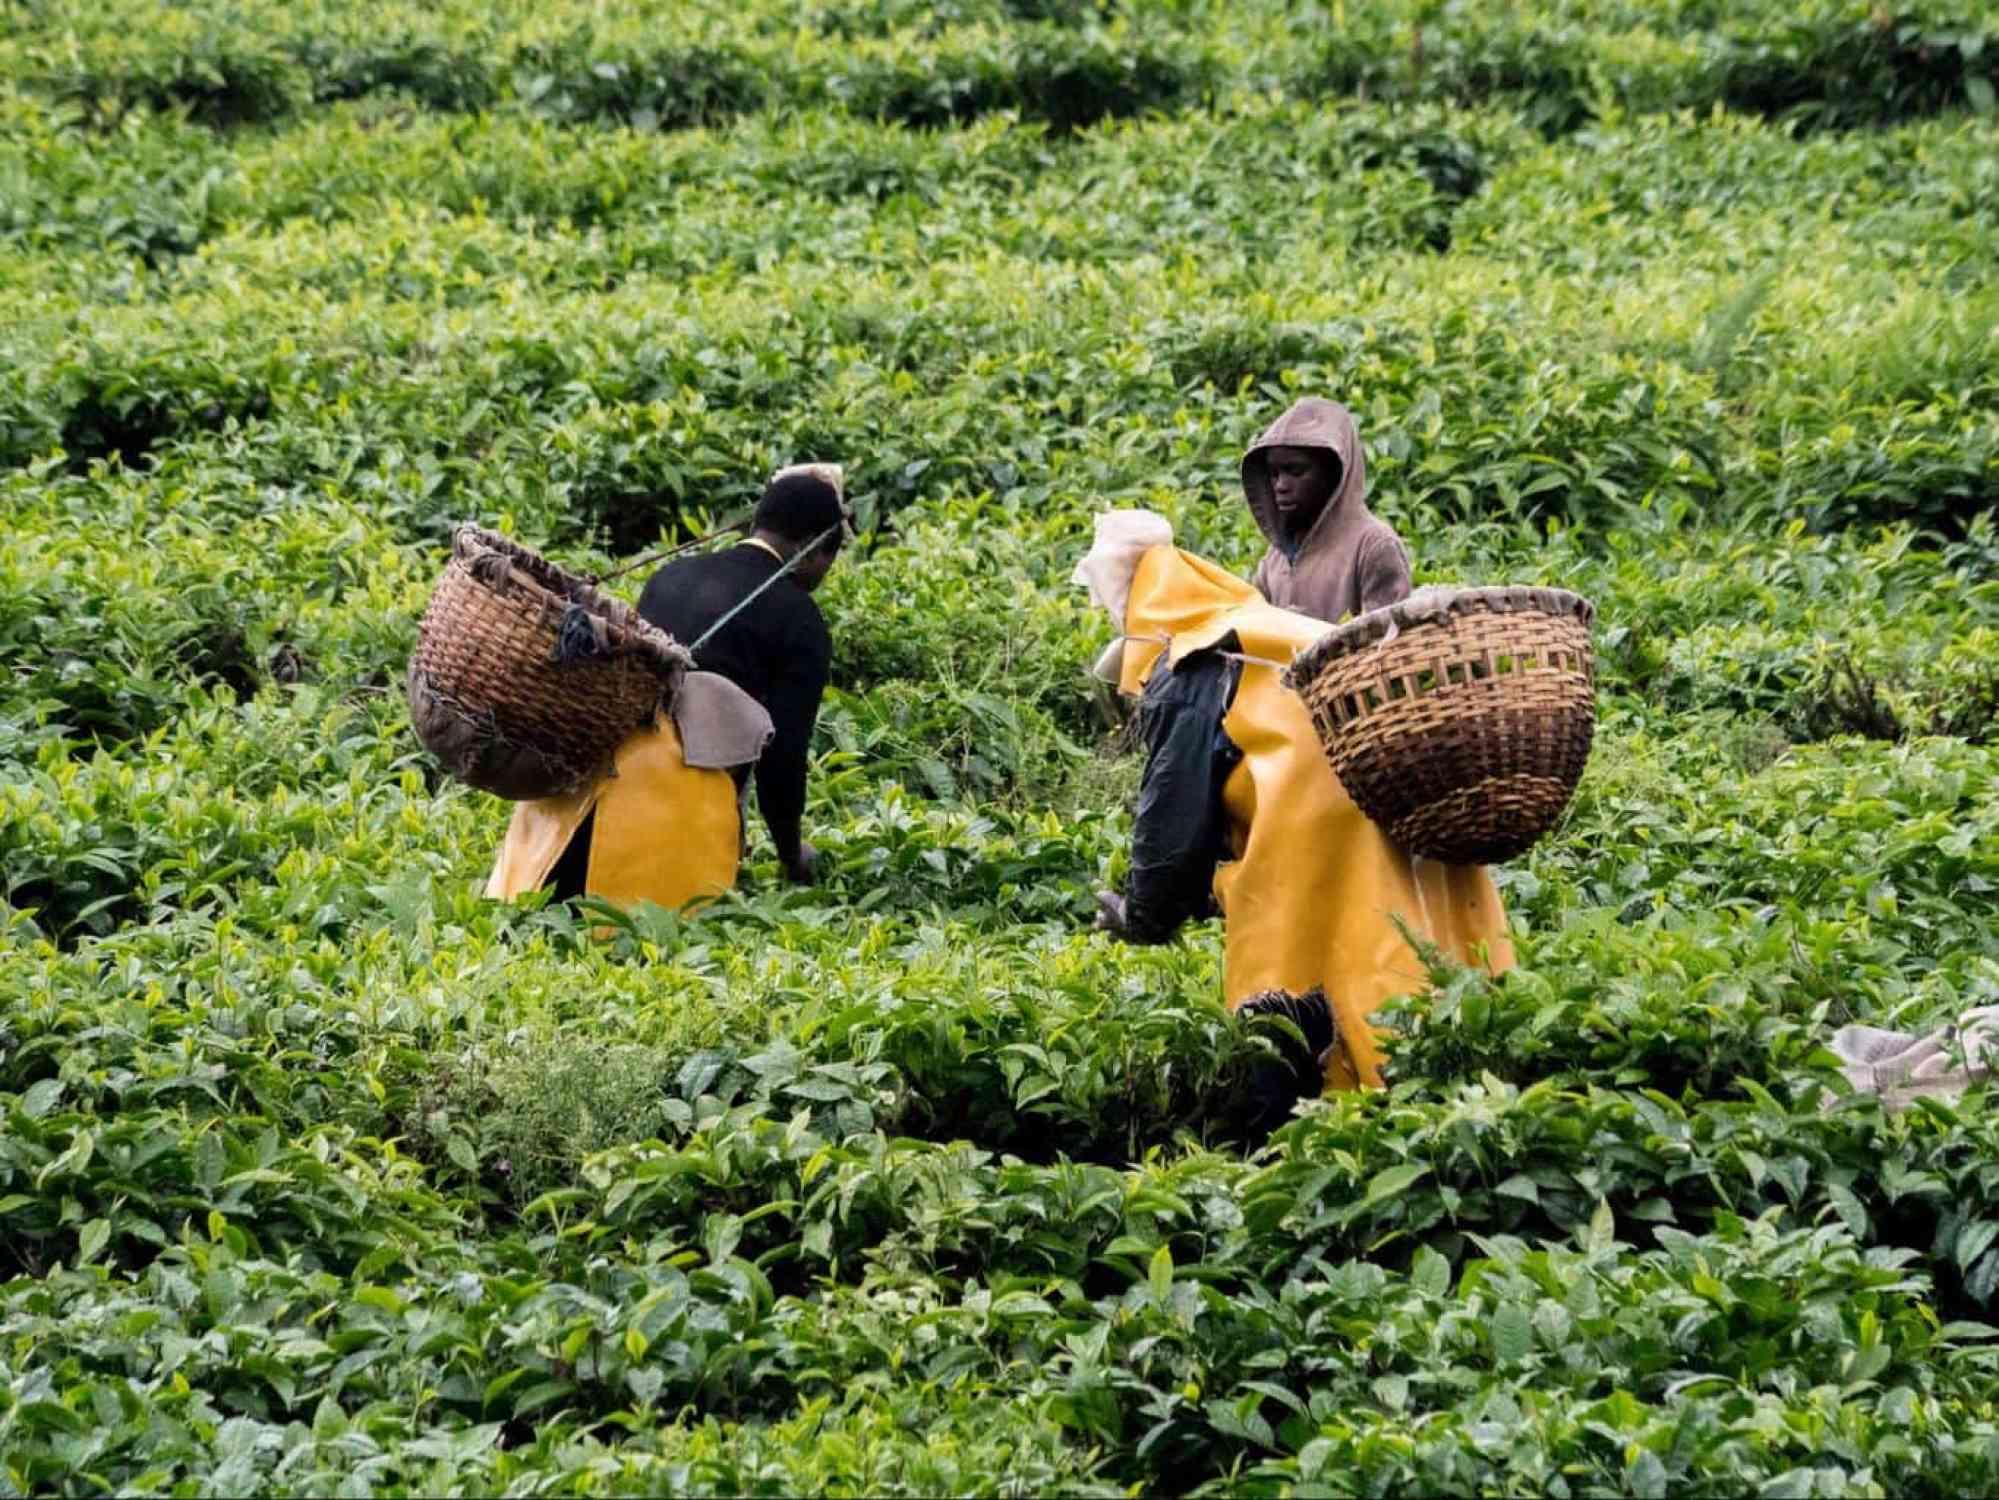 Tea plantation near Lake Kivu